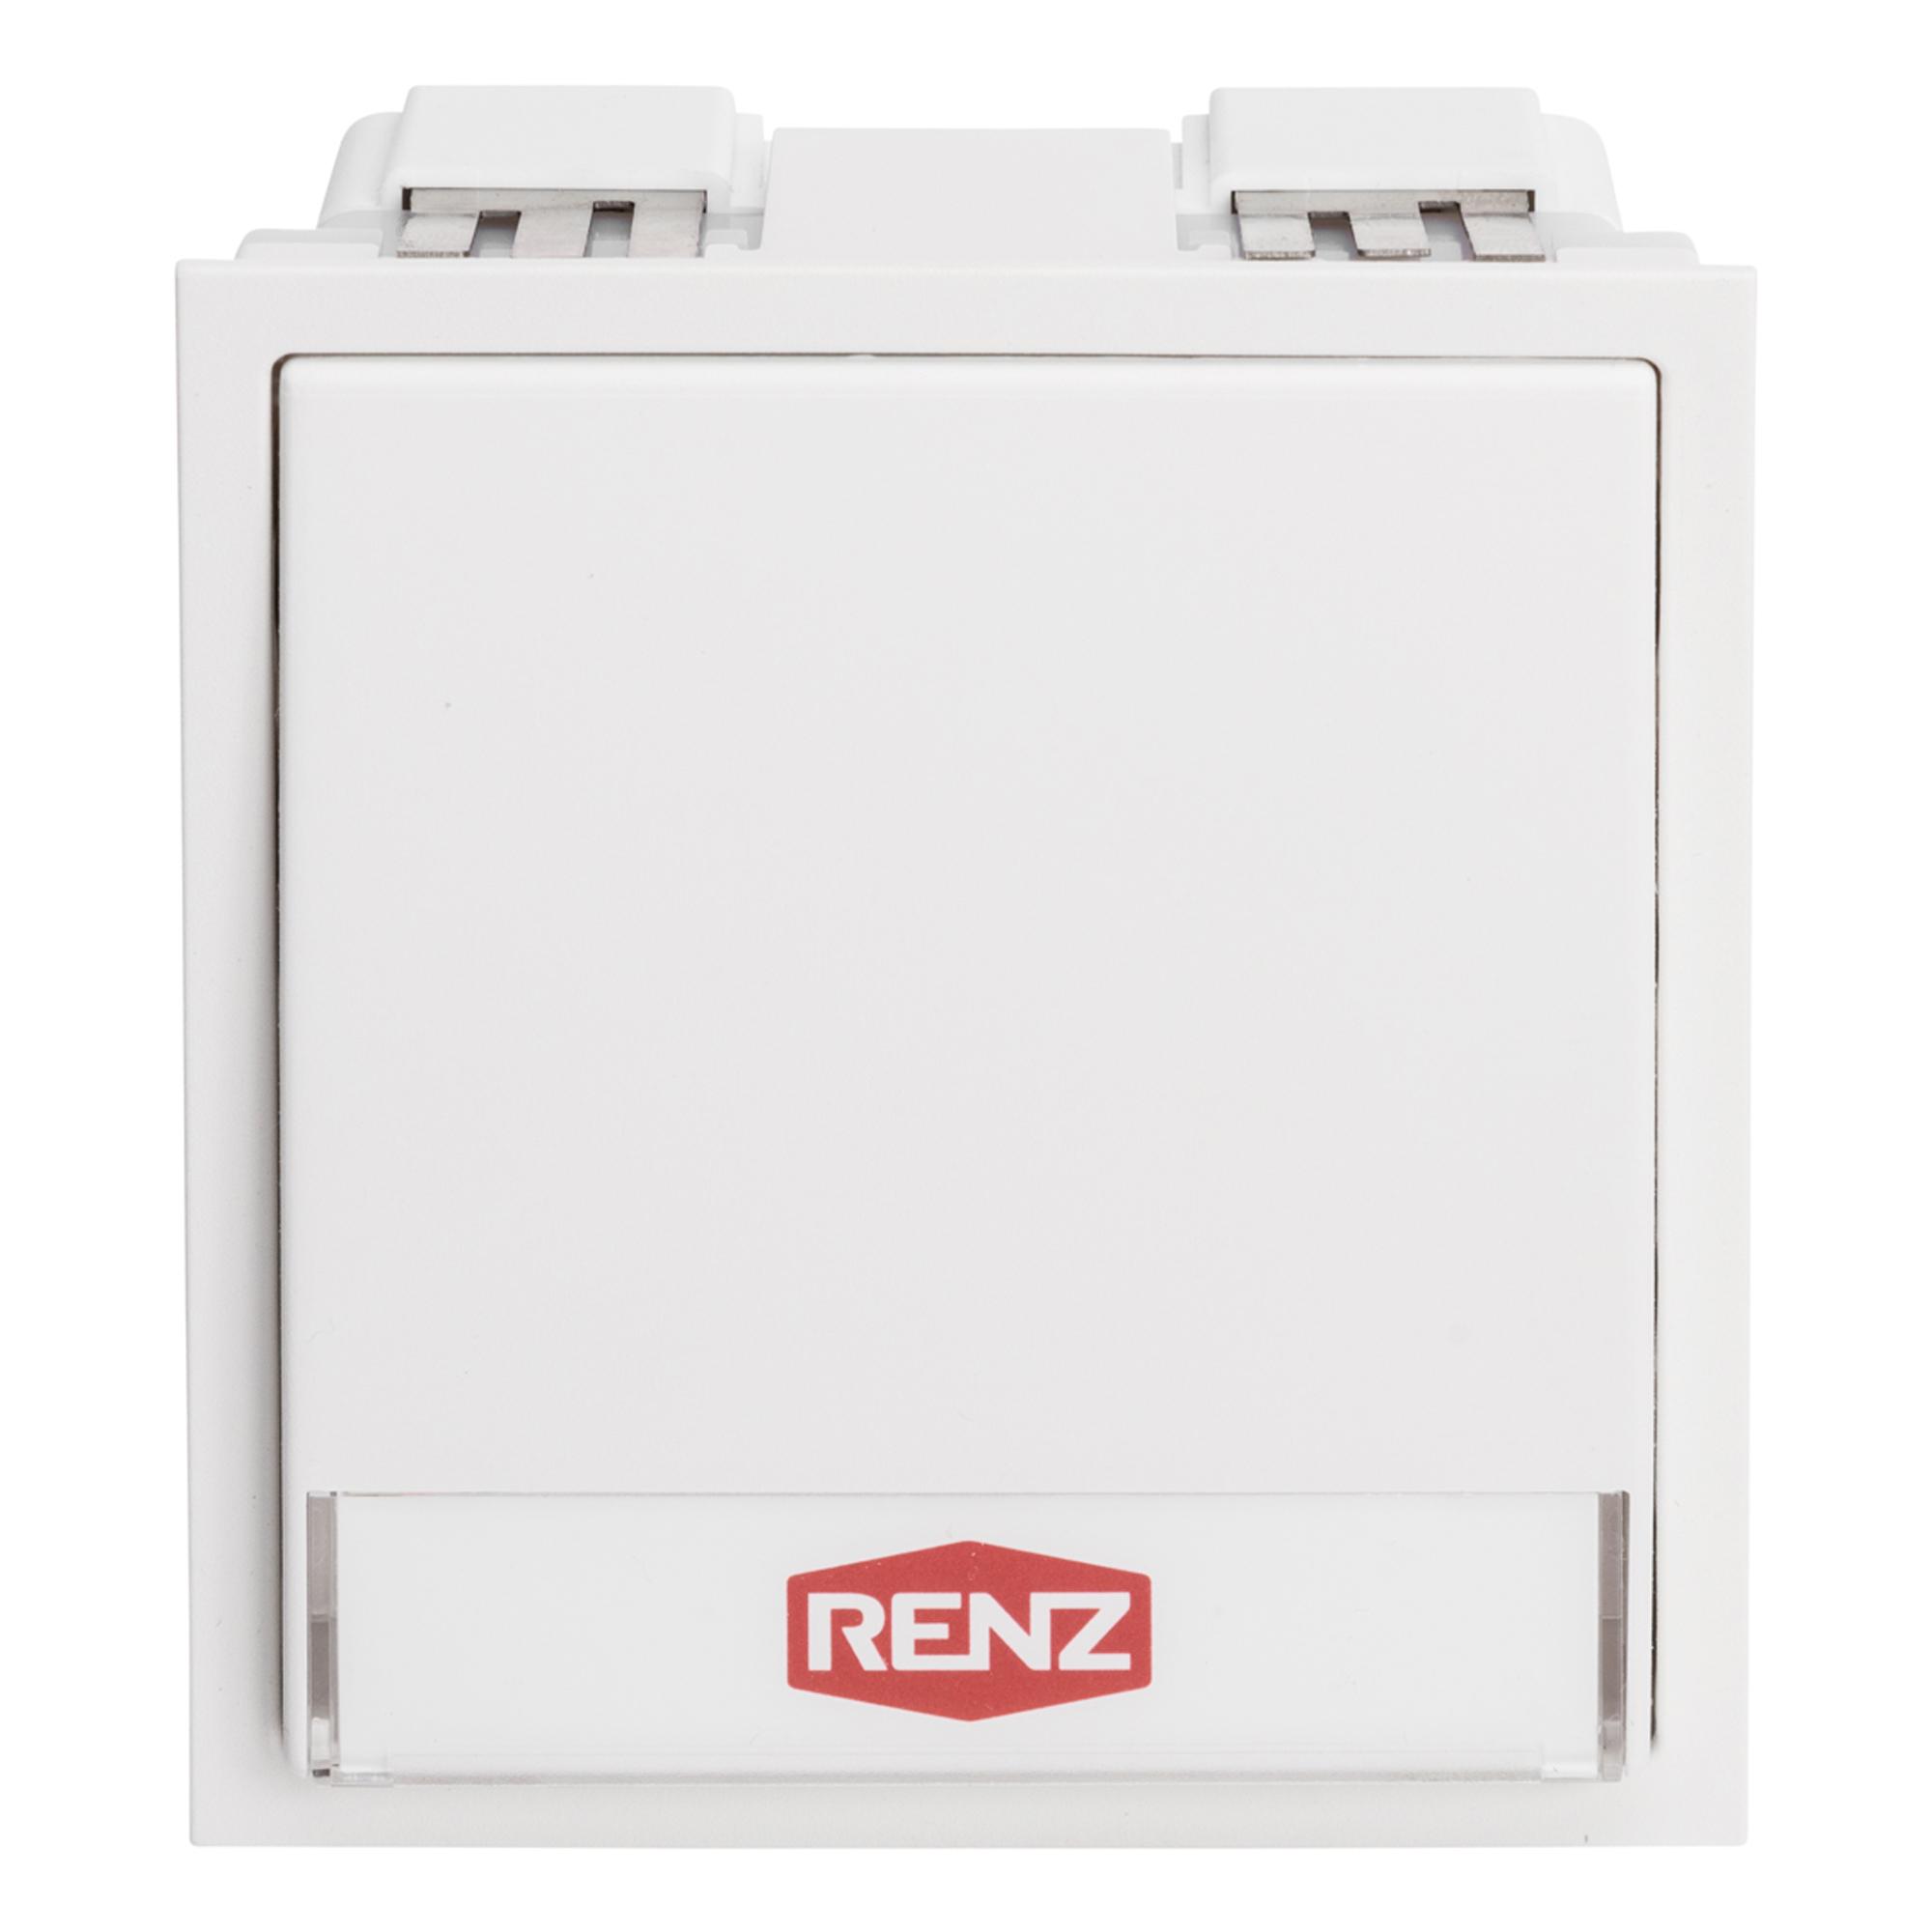 Renz Tastenmodul mit 1 Klingeltaster, Farbe: weiß